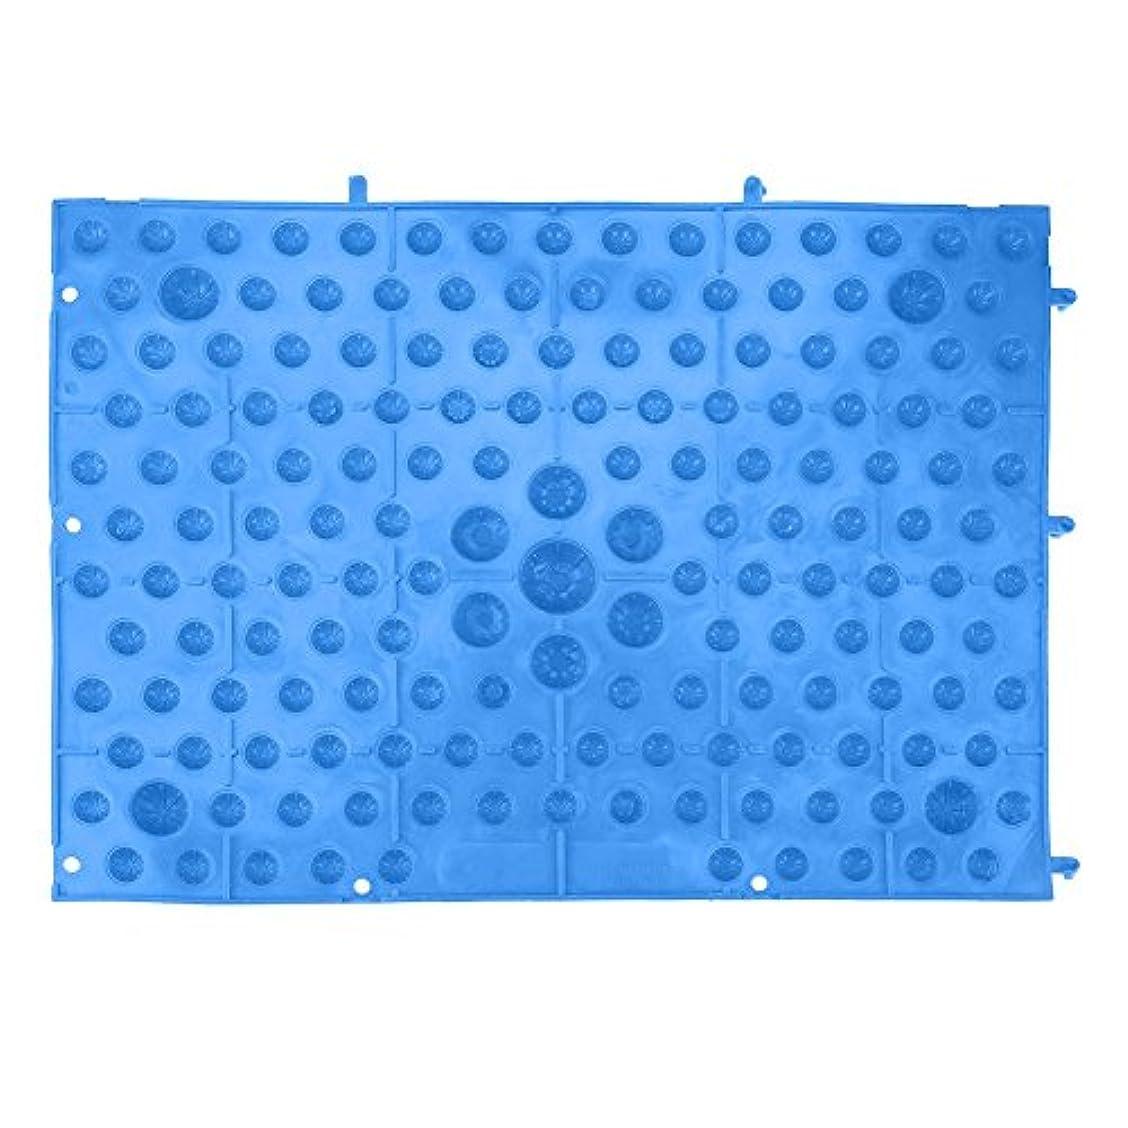 レンダーポップひそかにフットマッサージマット 足つぼマット 足踏み 足ツボ 指圧シート 足の圧力プレート ヘルスケアマッサージマット 血液循環を促進する 室内外 運動 余暇 全6色(ブルー)